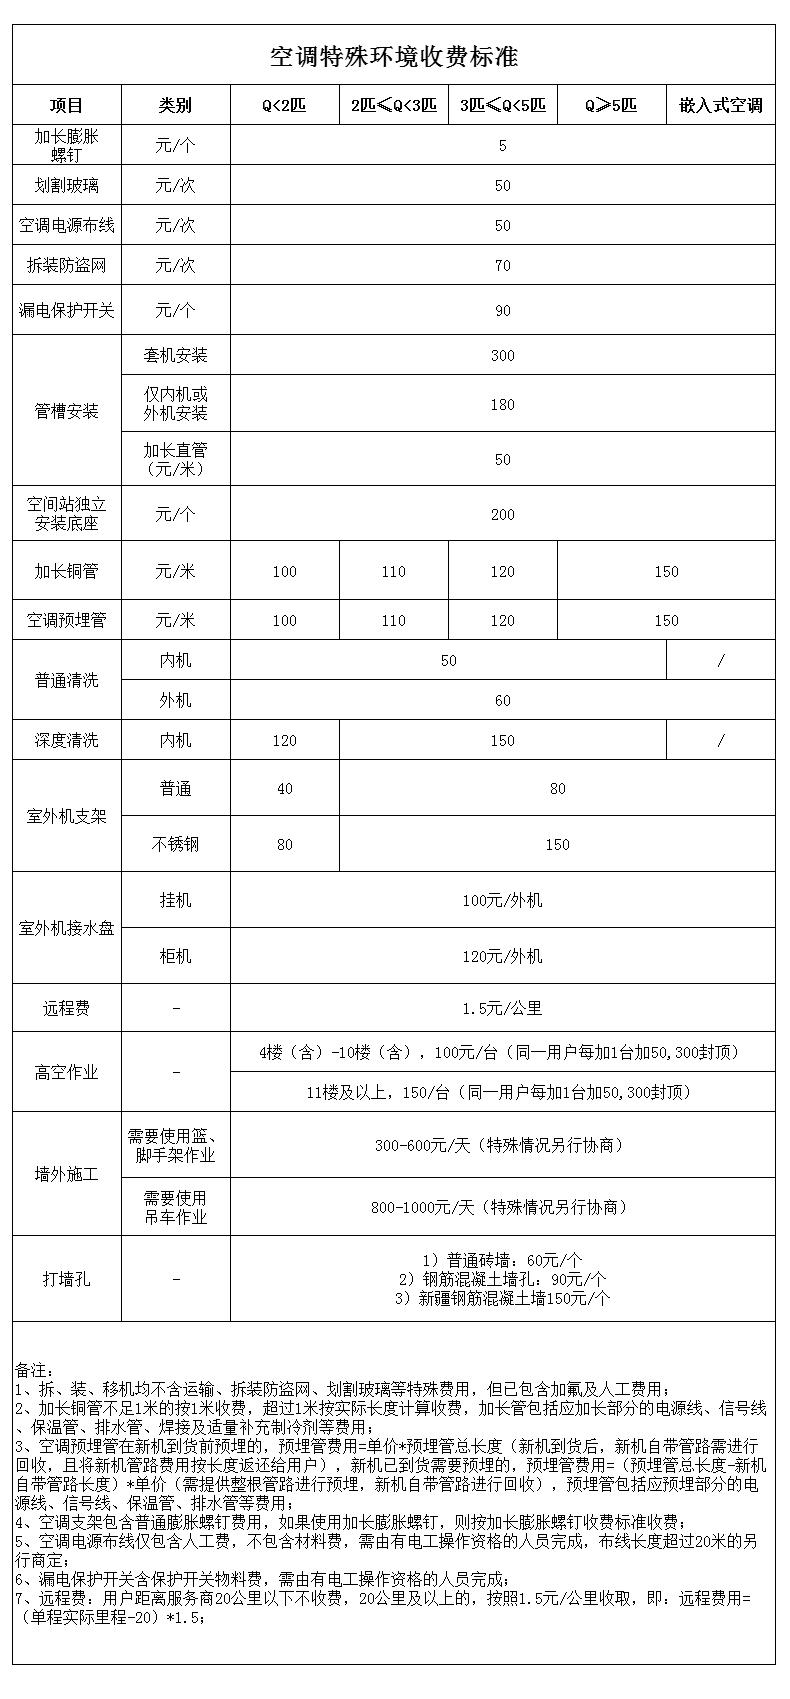 家用空调特殊收费20200311.jpg